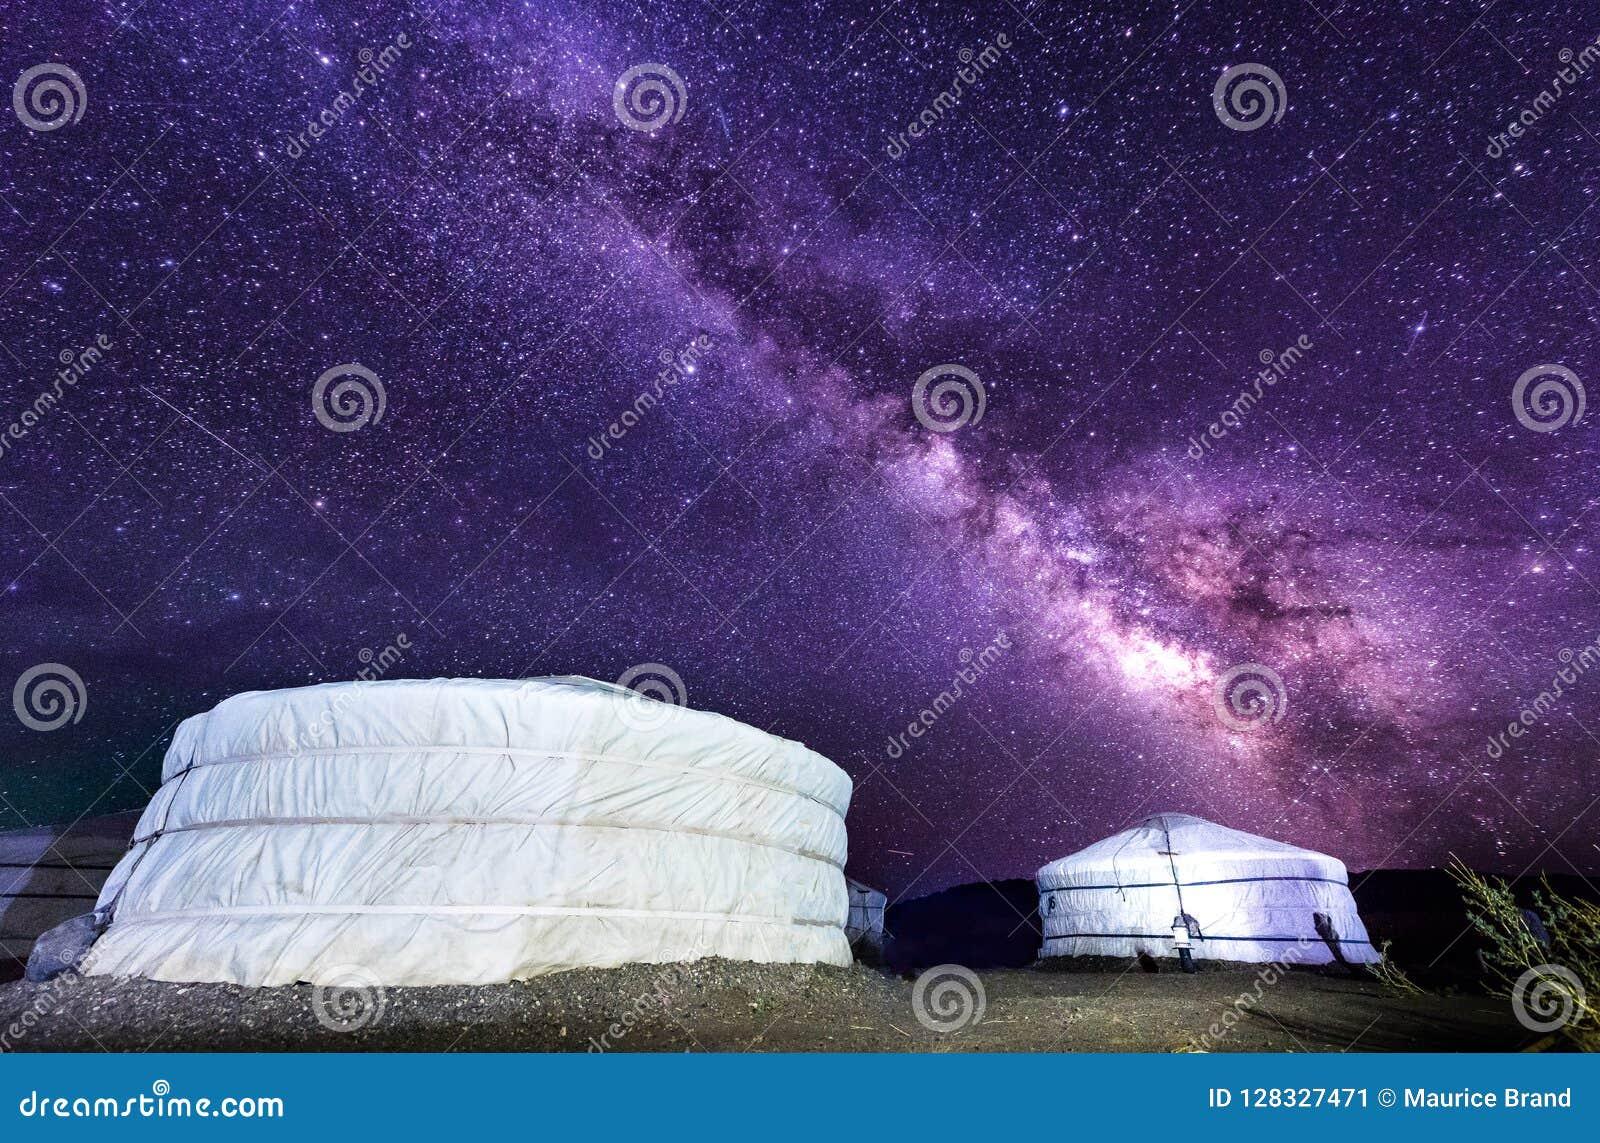 Vía láctea sobre el campo de Ger en el desierto de Mongolia Gobi